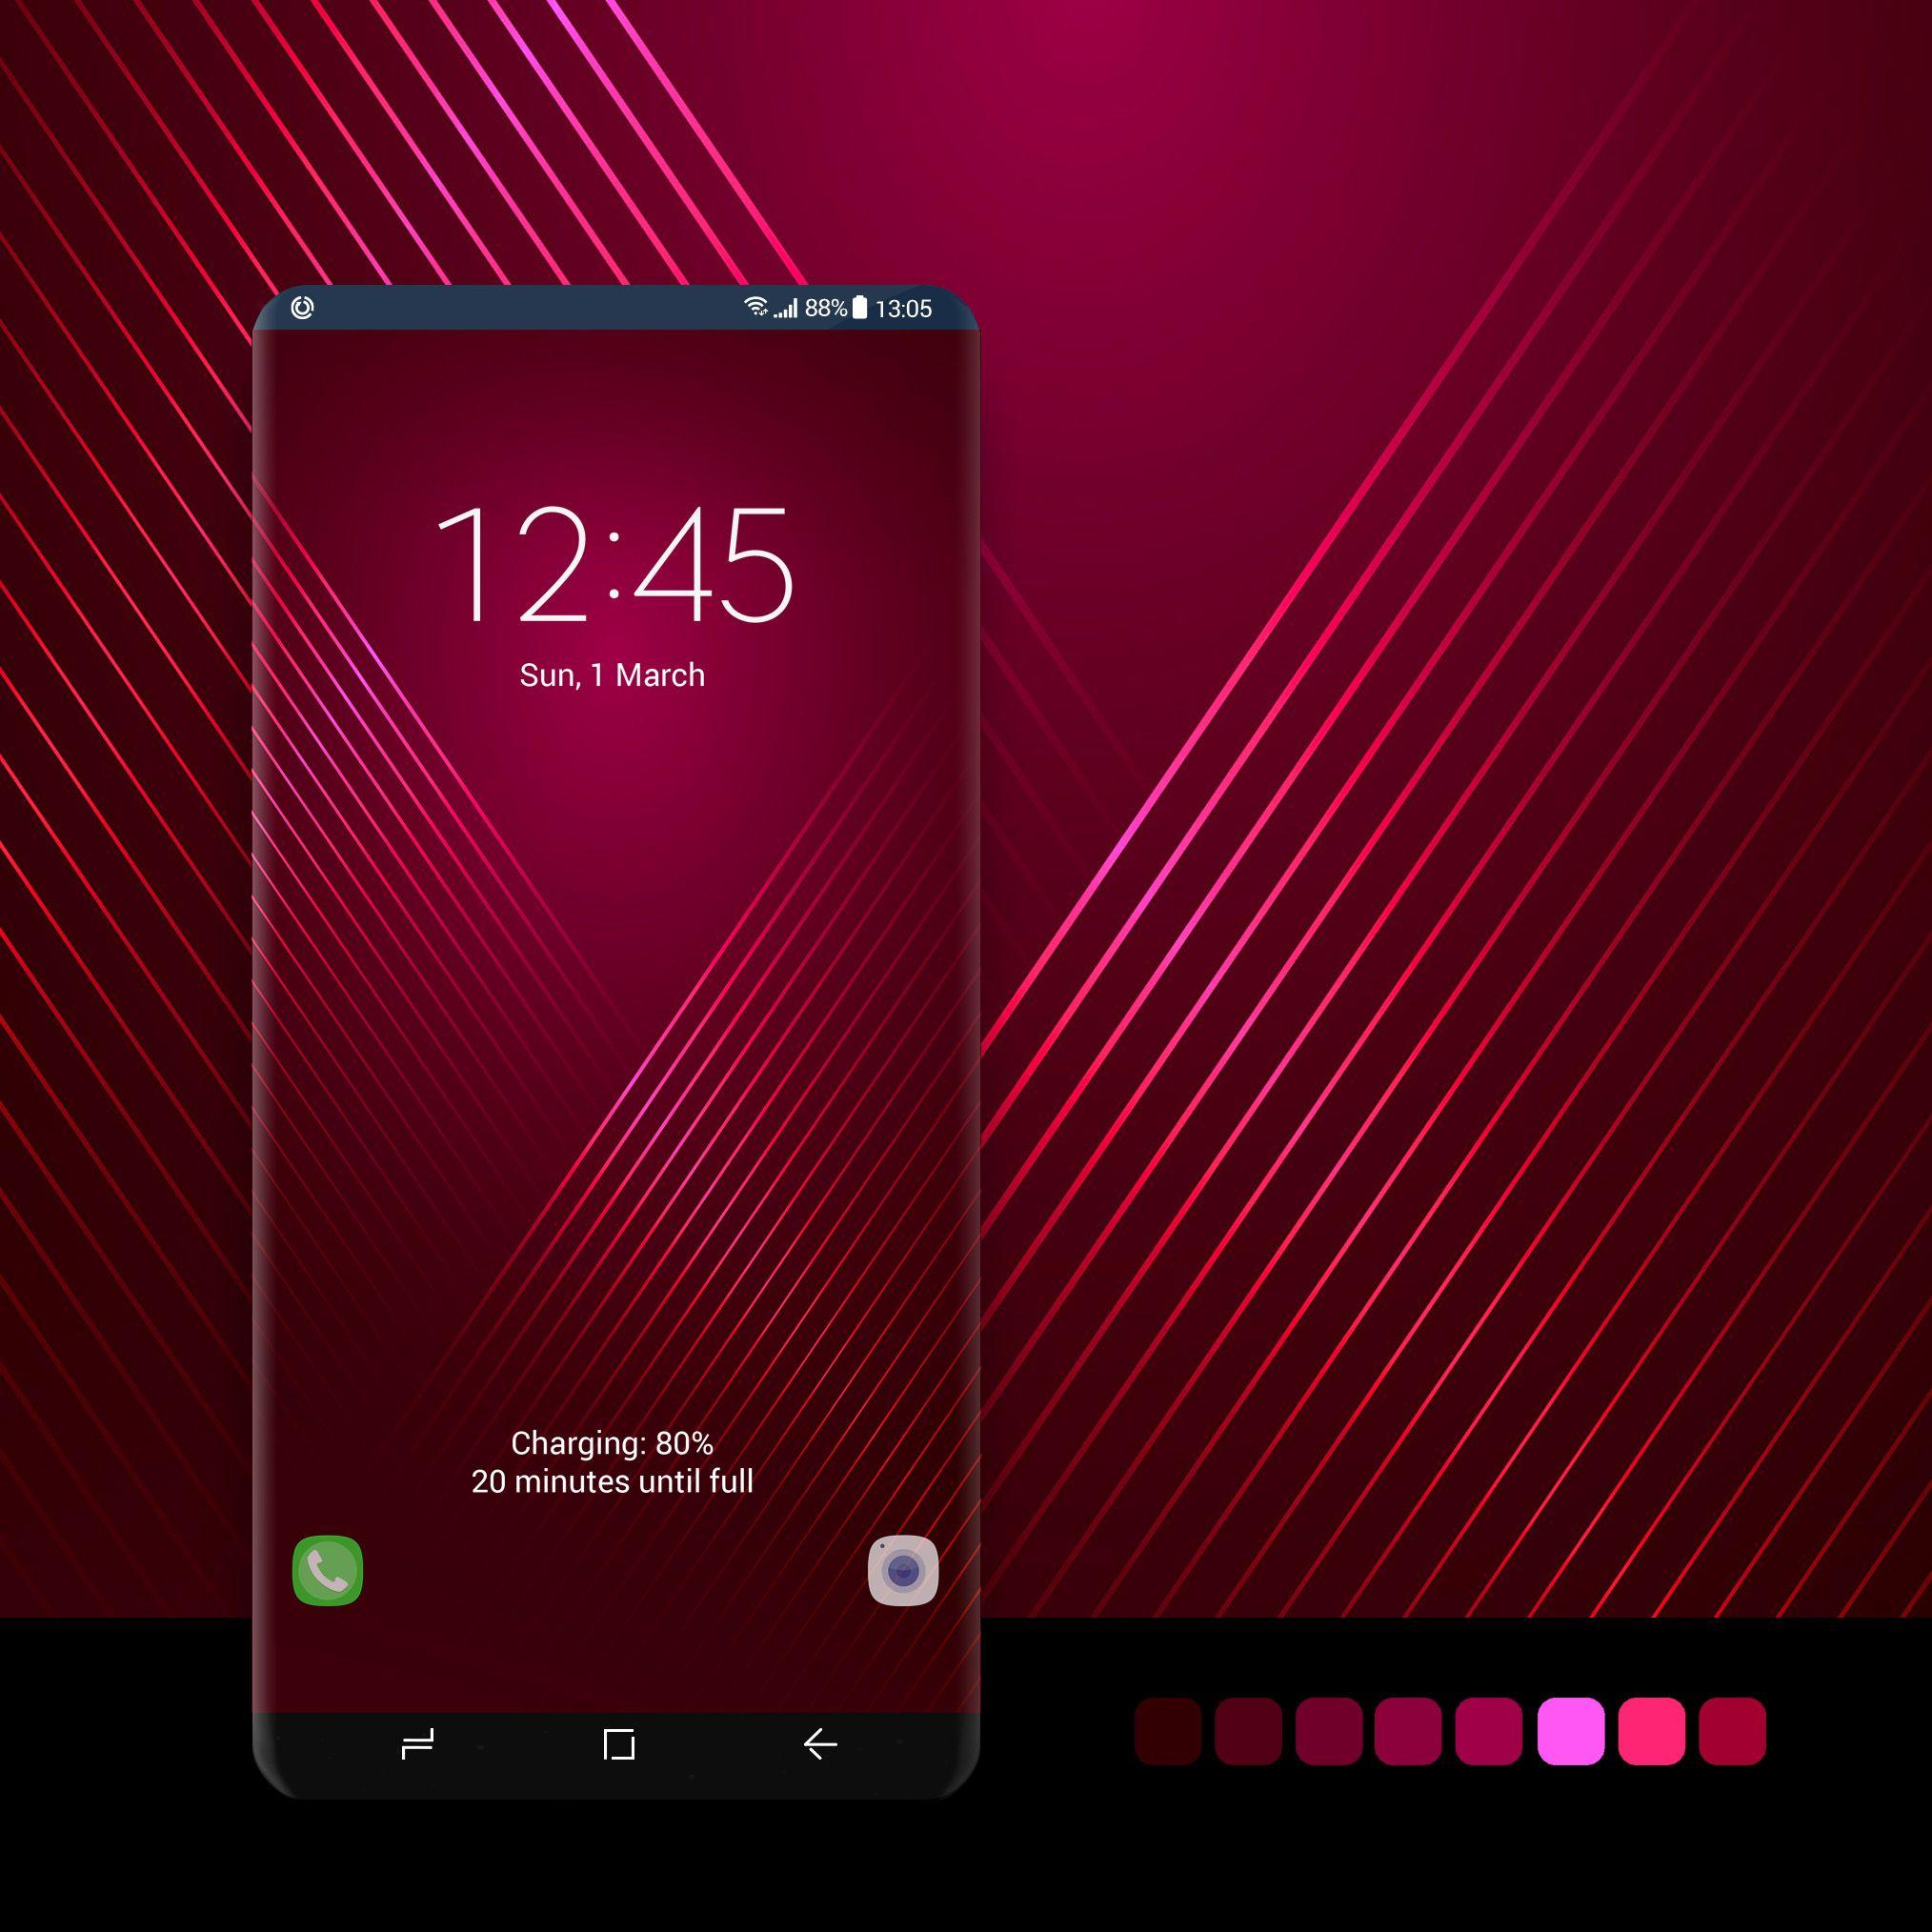 Maroon Color In 2021 Samsung Galaxy Wallpaper Galaxy Samsung Galaxy